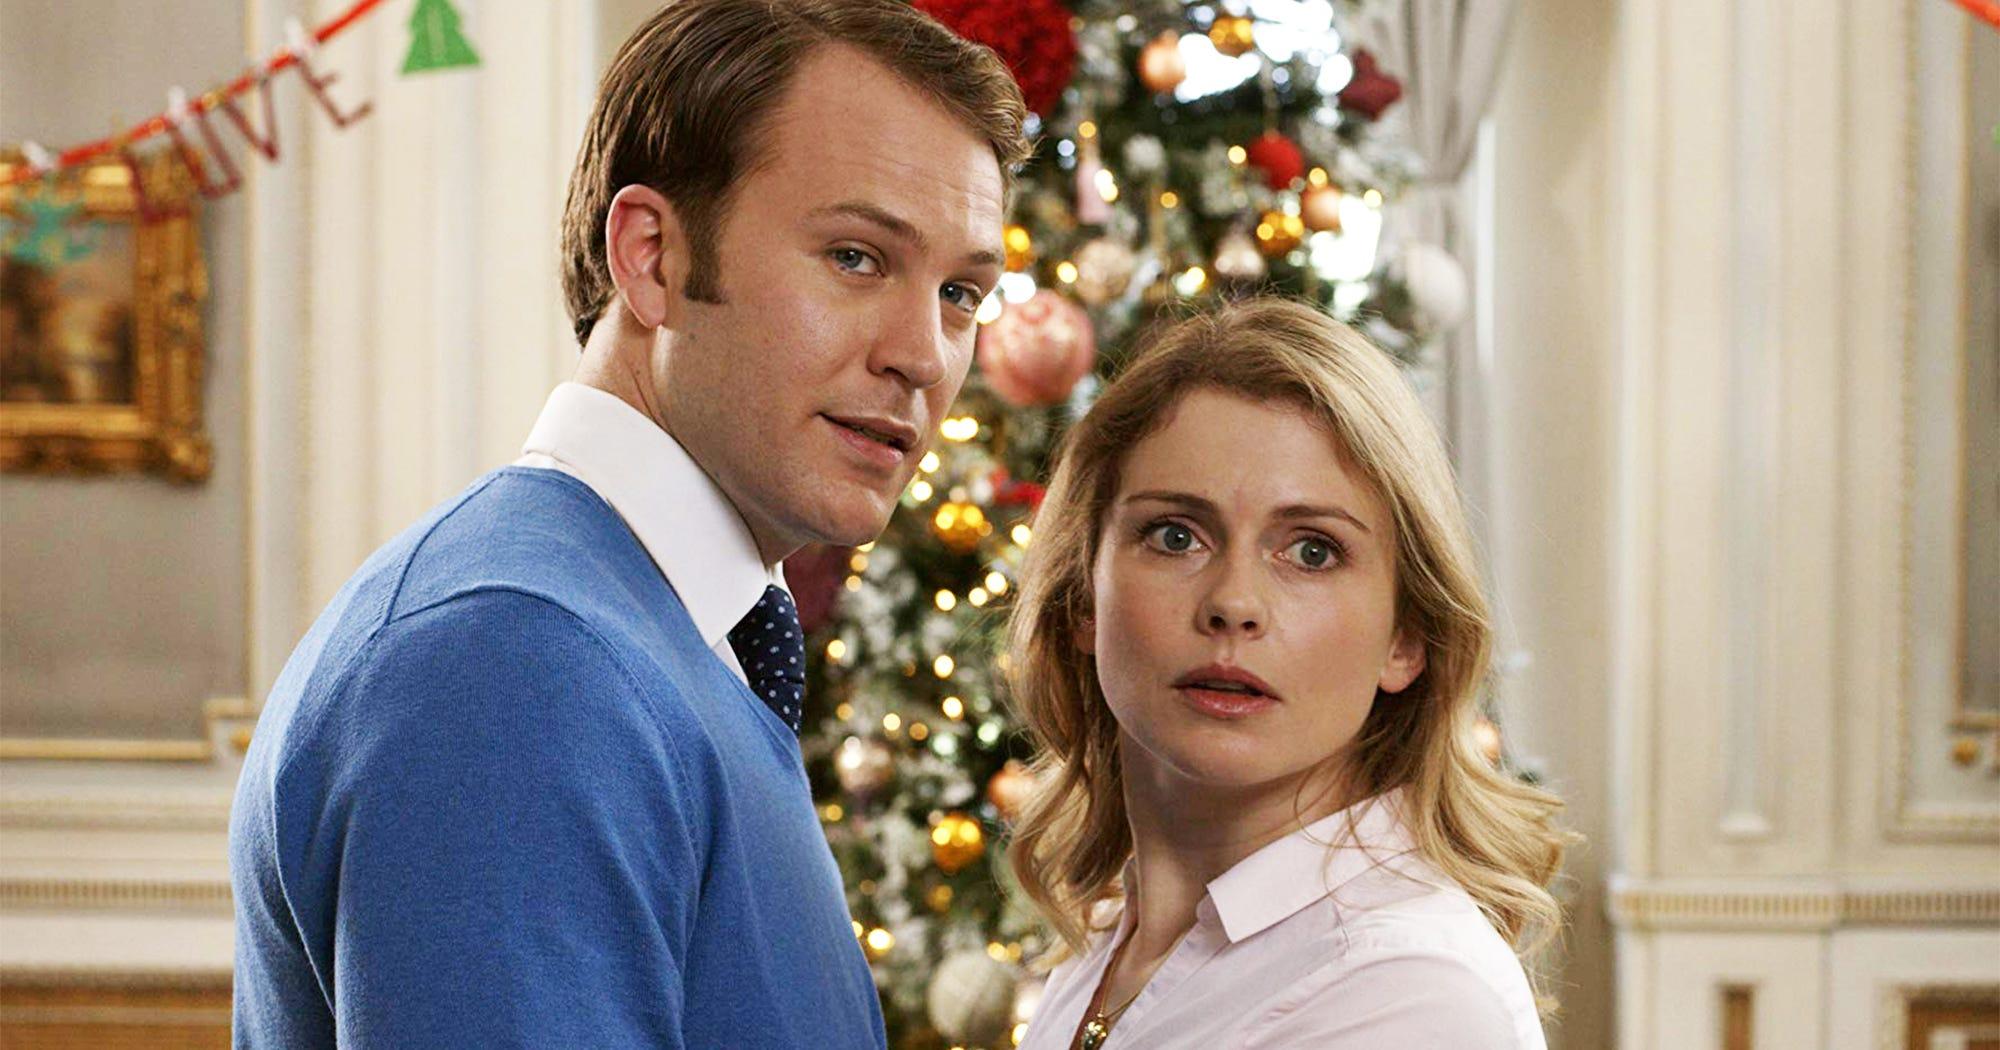 Christmas Prince 2 Trailer, Meghan Markle Royal Wedding